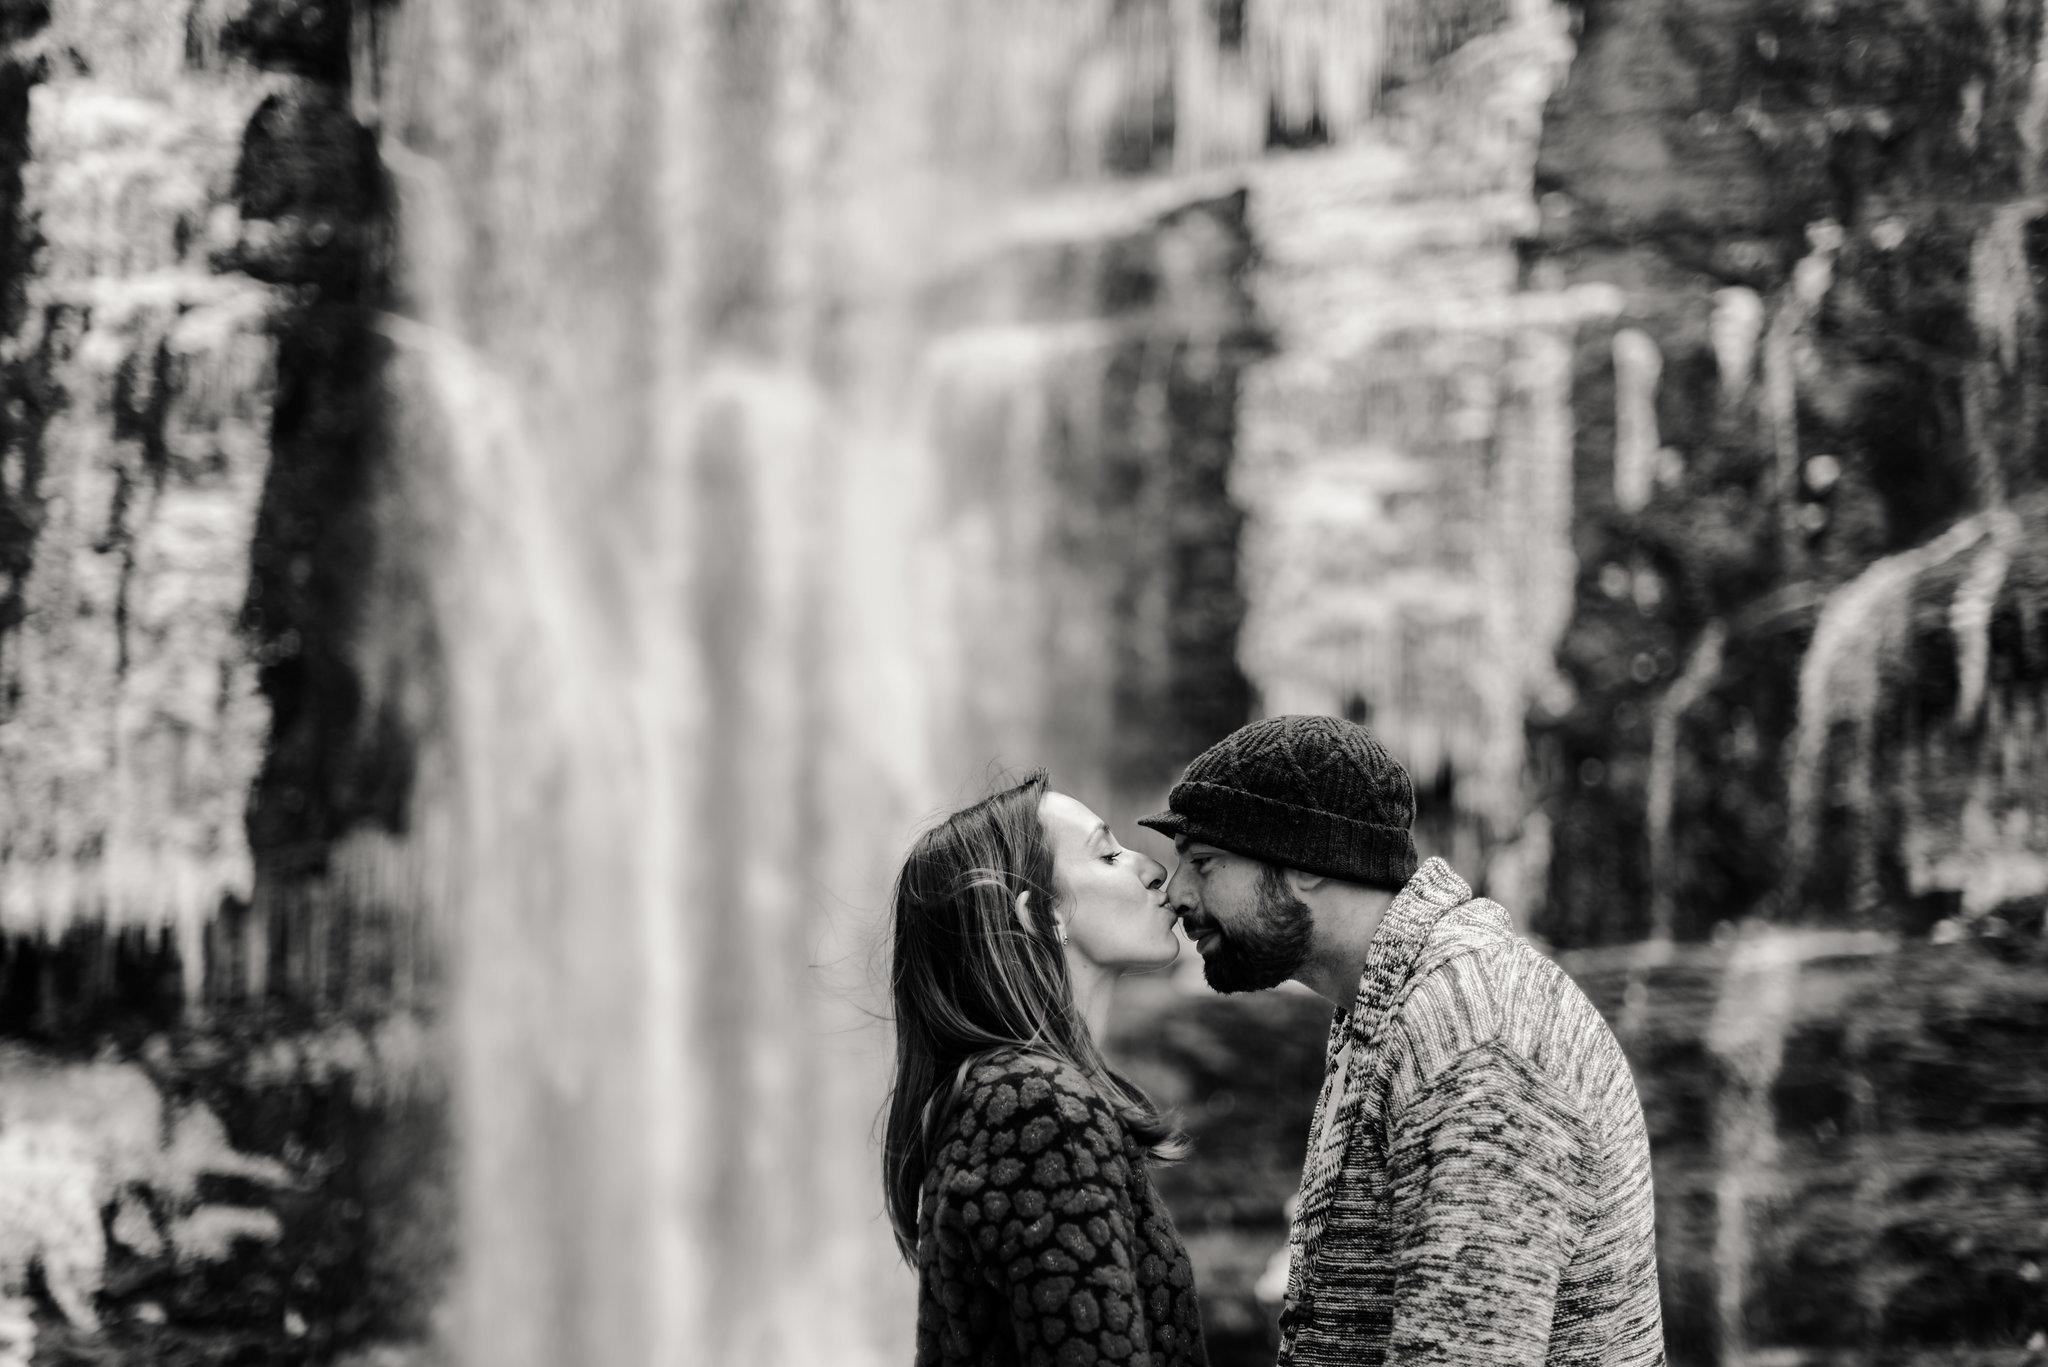 Léa-Fery-photographe-professionnel-lyon-rhone-alpes-portrait-creation-mariage-evenement-evenementiel-famille-4899.jpg